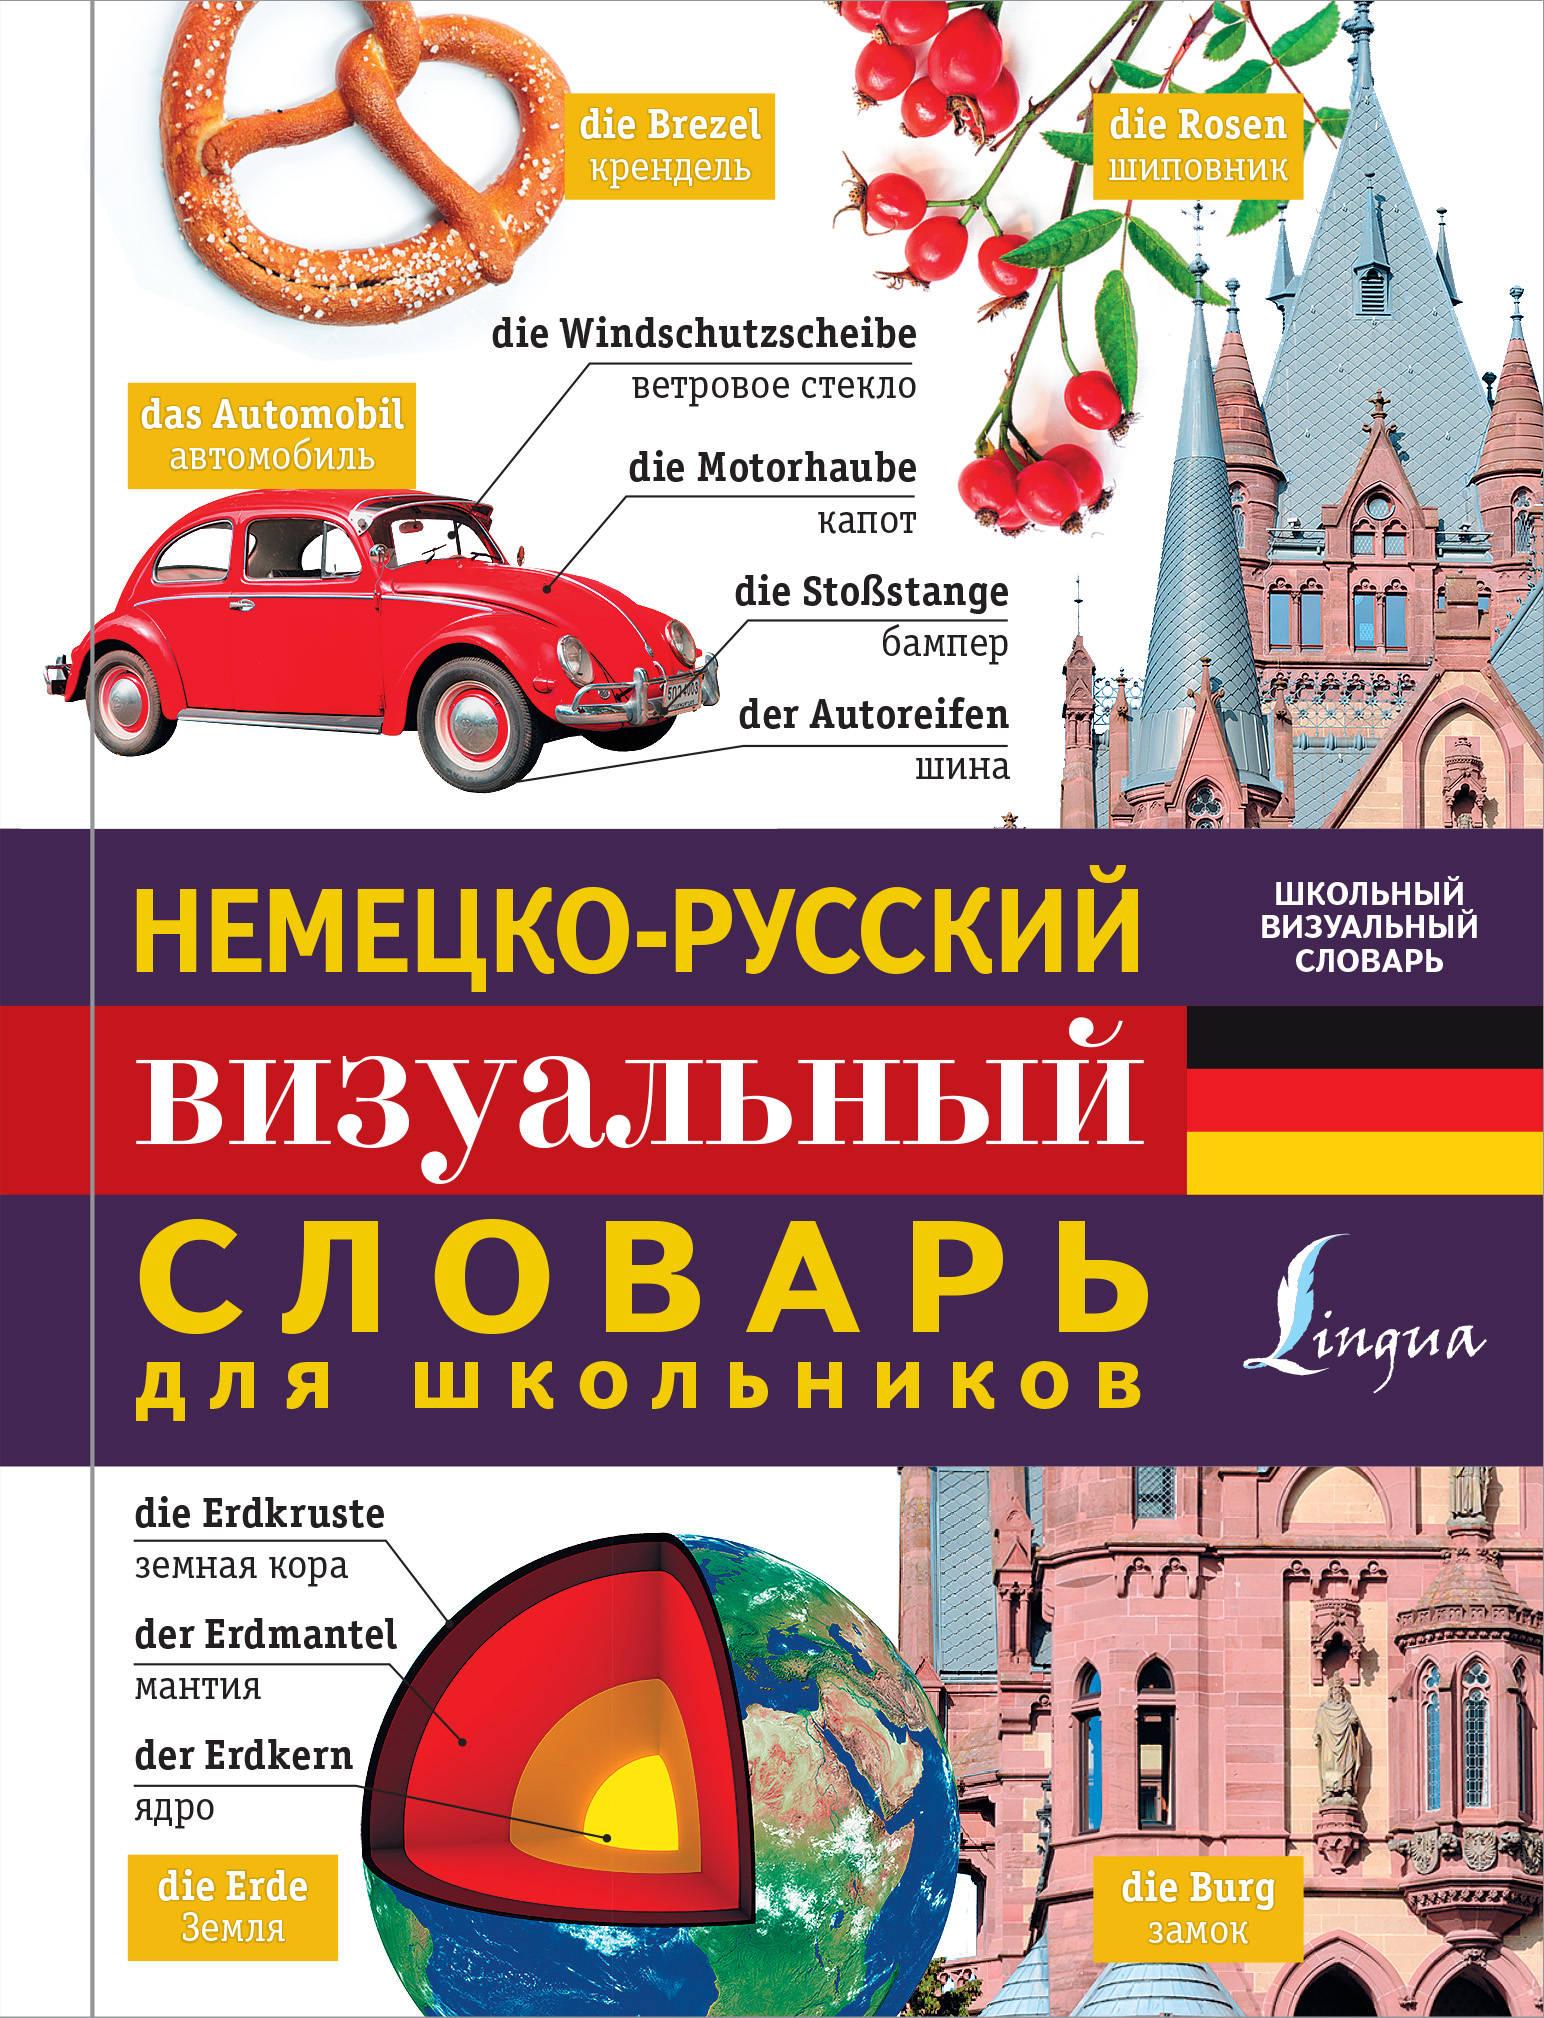 Немецко-русский визуальный словарь для школьников визуальный немецко русский словарь